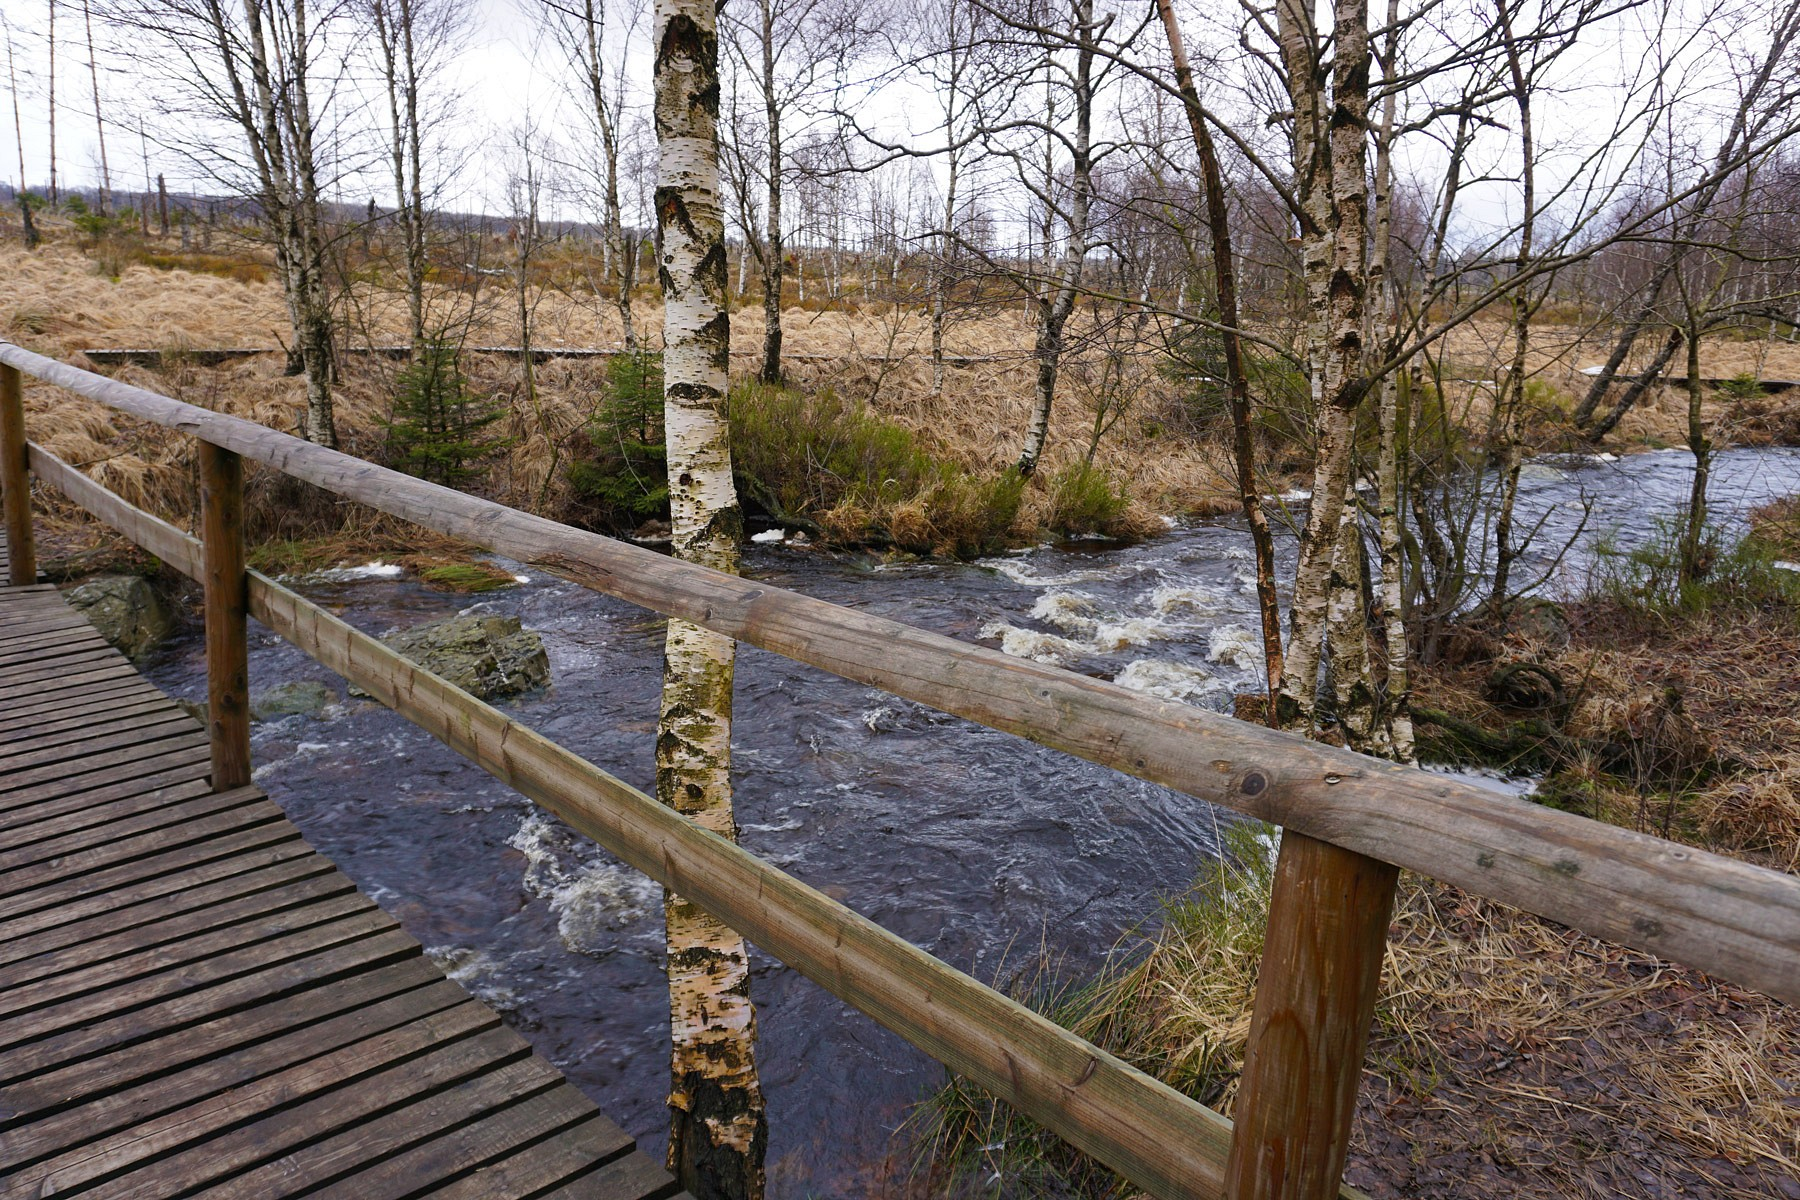 pNach-ca-5-km-erreiche-ich-dienbspHill-die-zu-einem-fast-wilden-Fluss-geworden-ist-Sie-wird-von-nun-an-meine-einzige-Wegbegleiterin-seinnbspp